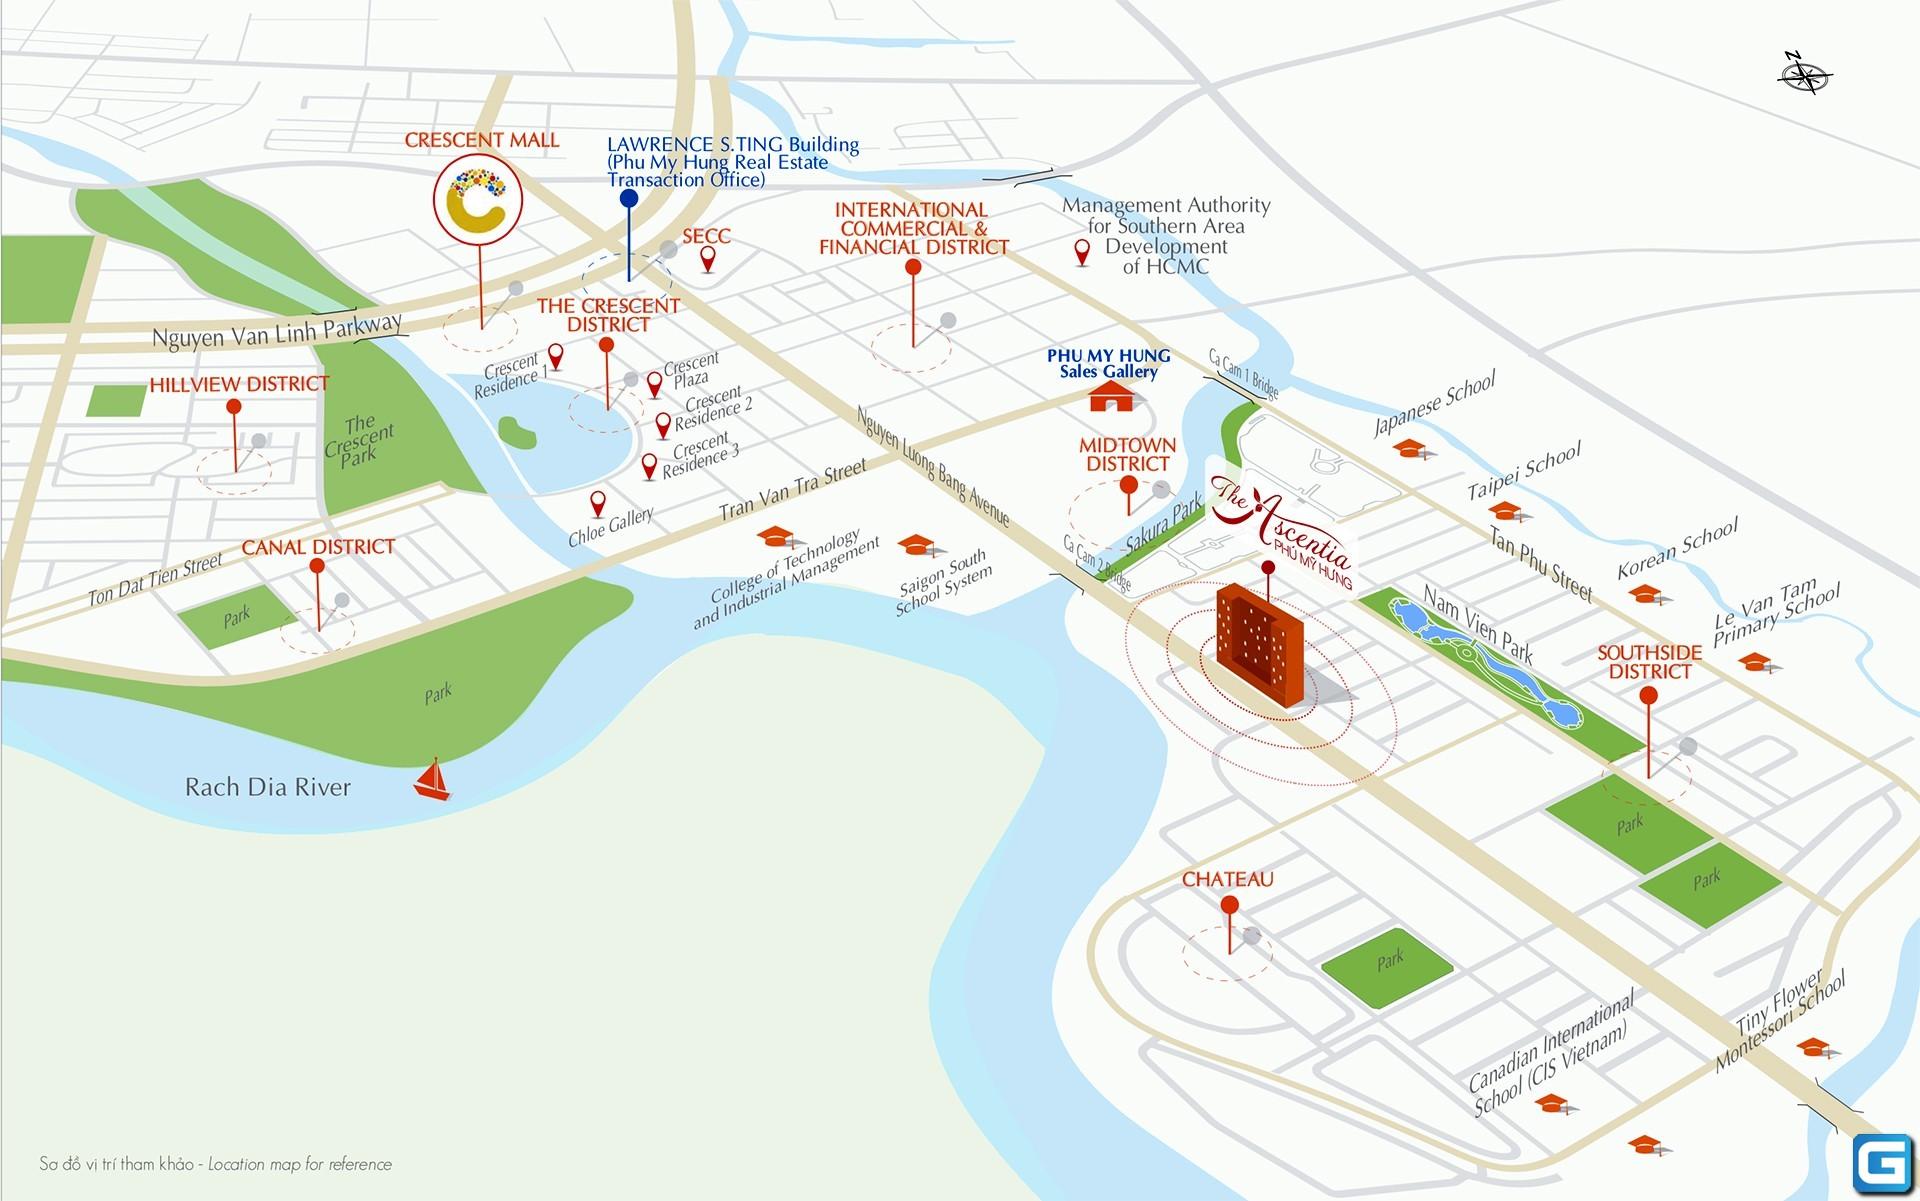 The Ascentia Phú Mỹ Hưng